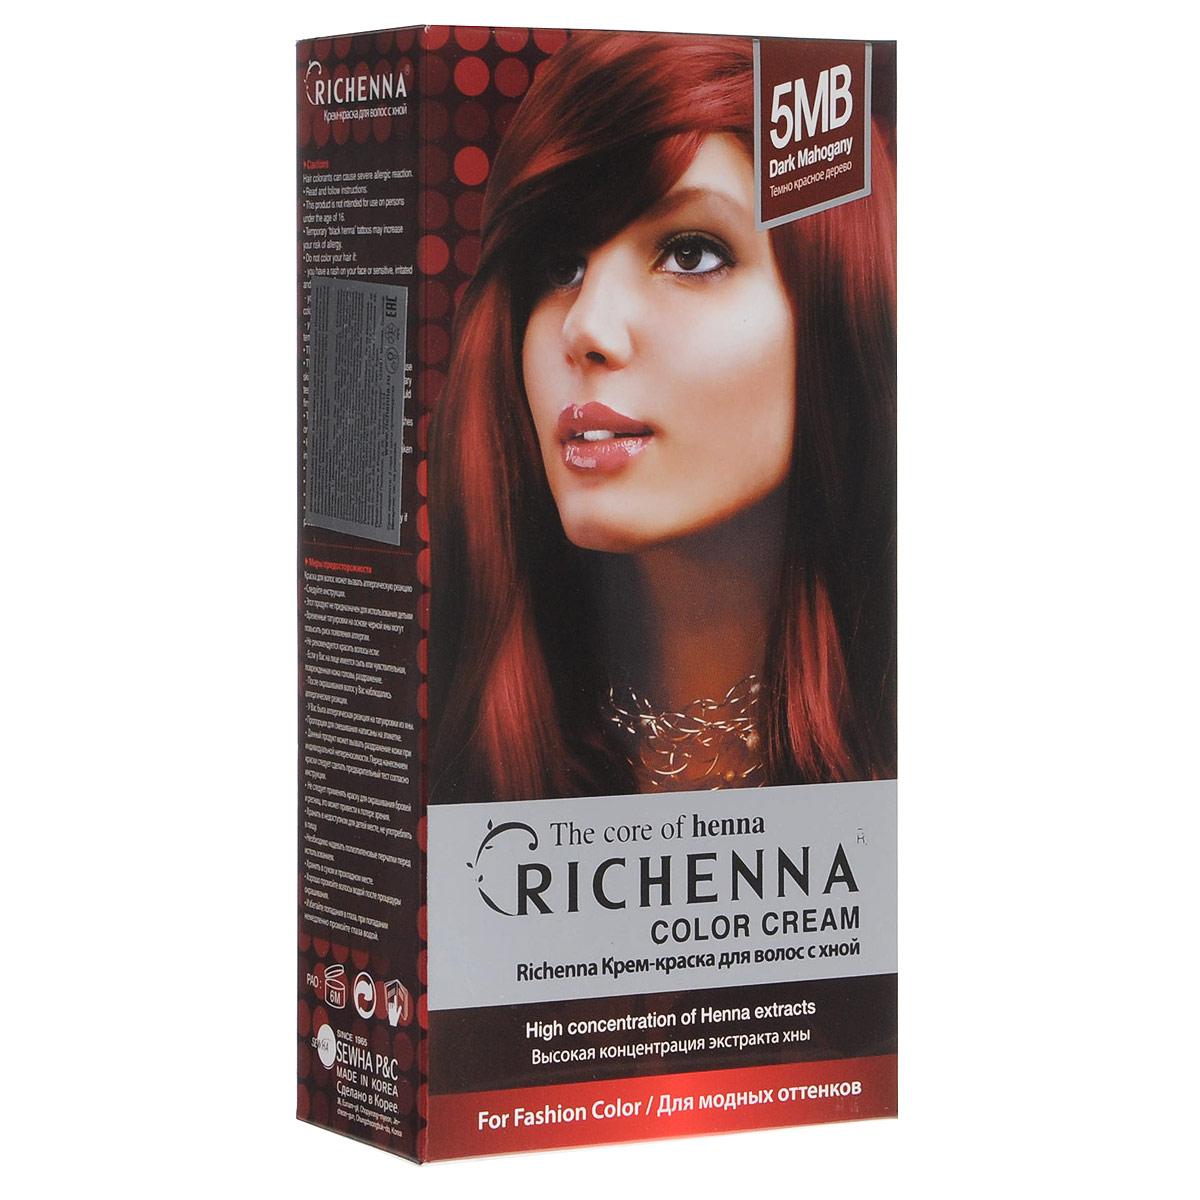 Richenna Крем-краска для волос, с хной, оттенок 5MB Темно-красное дерево29004Крем-краска для волос Richenna с хной позволяет уменьшить повреждение волос, сделать их эластичными и здоровыми, придать волосам живой цвет и красивый блеск. Не раздражая кожу, крем-краска полностью закрашивает седину и обладает приятным цветочным ароматом.Рекомендуется для безопасного изменения цвета волос, полного окрашивания седых волос и в случае повышенной чувствительности к искусственным компонентам краски для волос.Благодаря кремовой текстуре хорошо наносится и не течет.Время окрашивания 20-30 минут.Упаковка средства в 2-х отдельных тубах позволяет использовать средство несколько раз в зависимости от объема и длины волос.Объем крема-краски 60 г, объем крема-окислителя 60 г, объем шампуня с хной 10 мл, объем кондиционера с хной 7 мл.В комплекте: 1 тюбик с крем-краской, 1 тюбик с крем-окислителем, пакетик с шампунем, пакетик с кондиционером, 1 пара перчаток, накидка, пластиковая тара, расческа-кисточка для нанесения и распределения крем-краски и инструкция по применению.Товар сертифицирован.